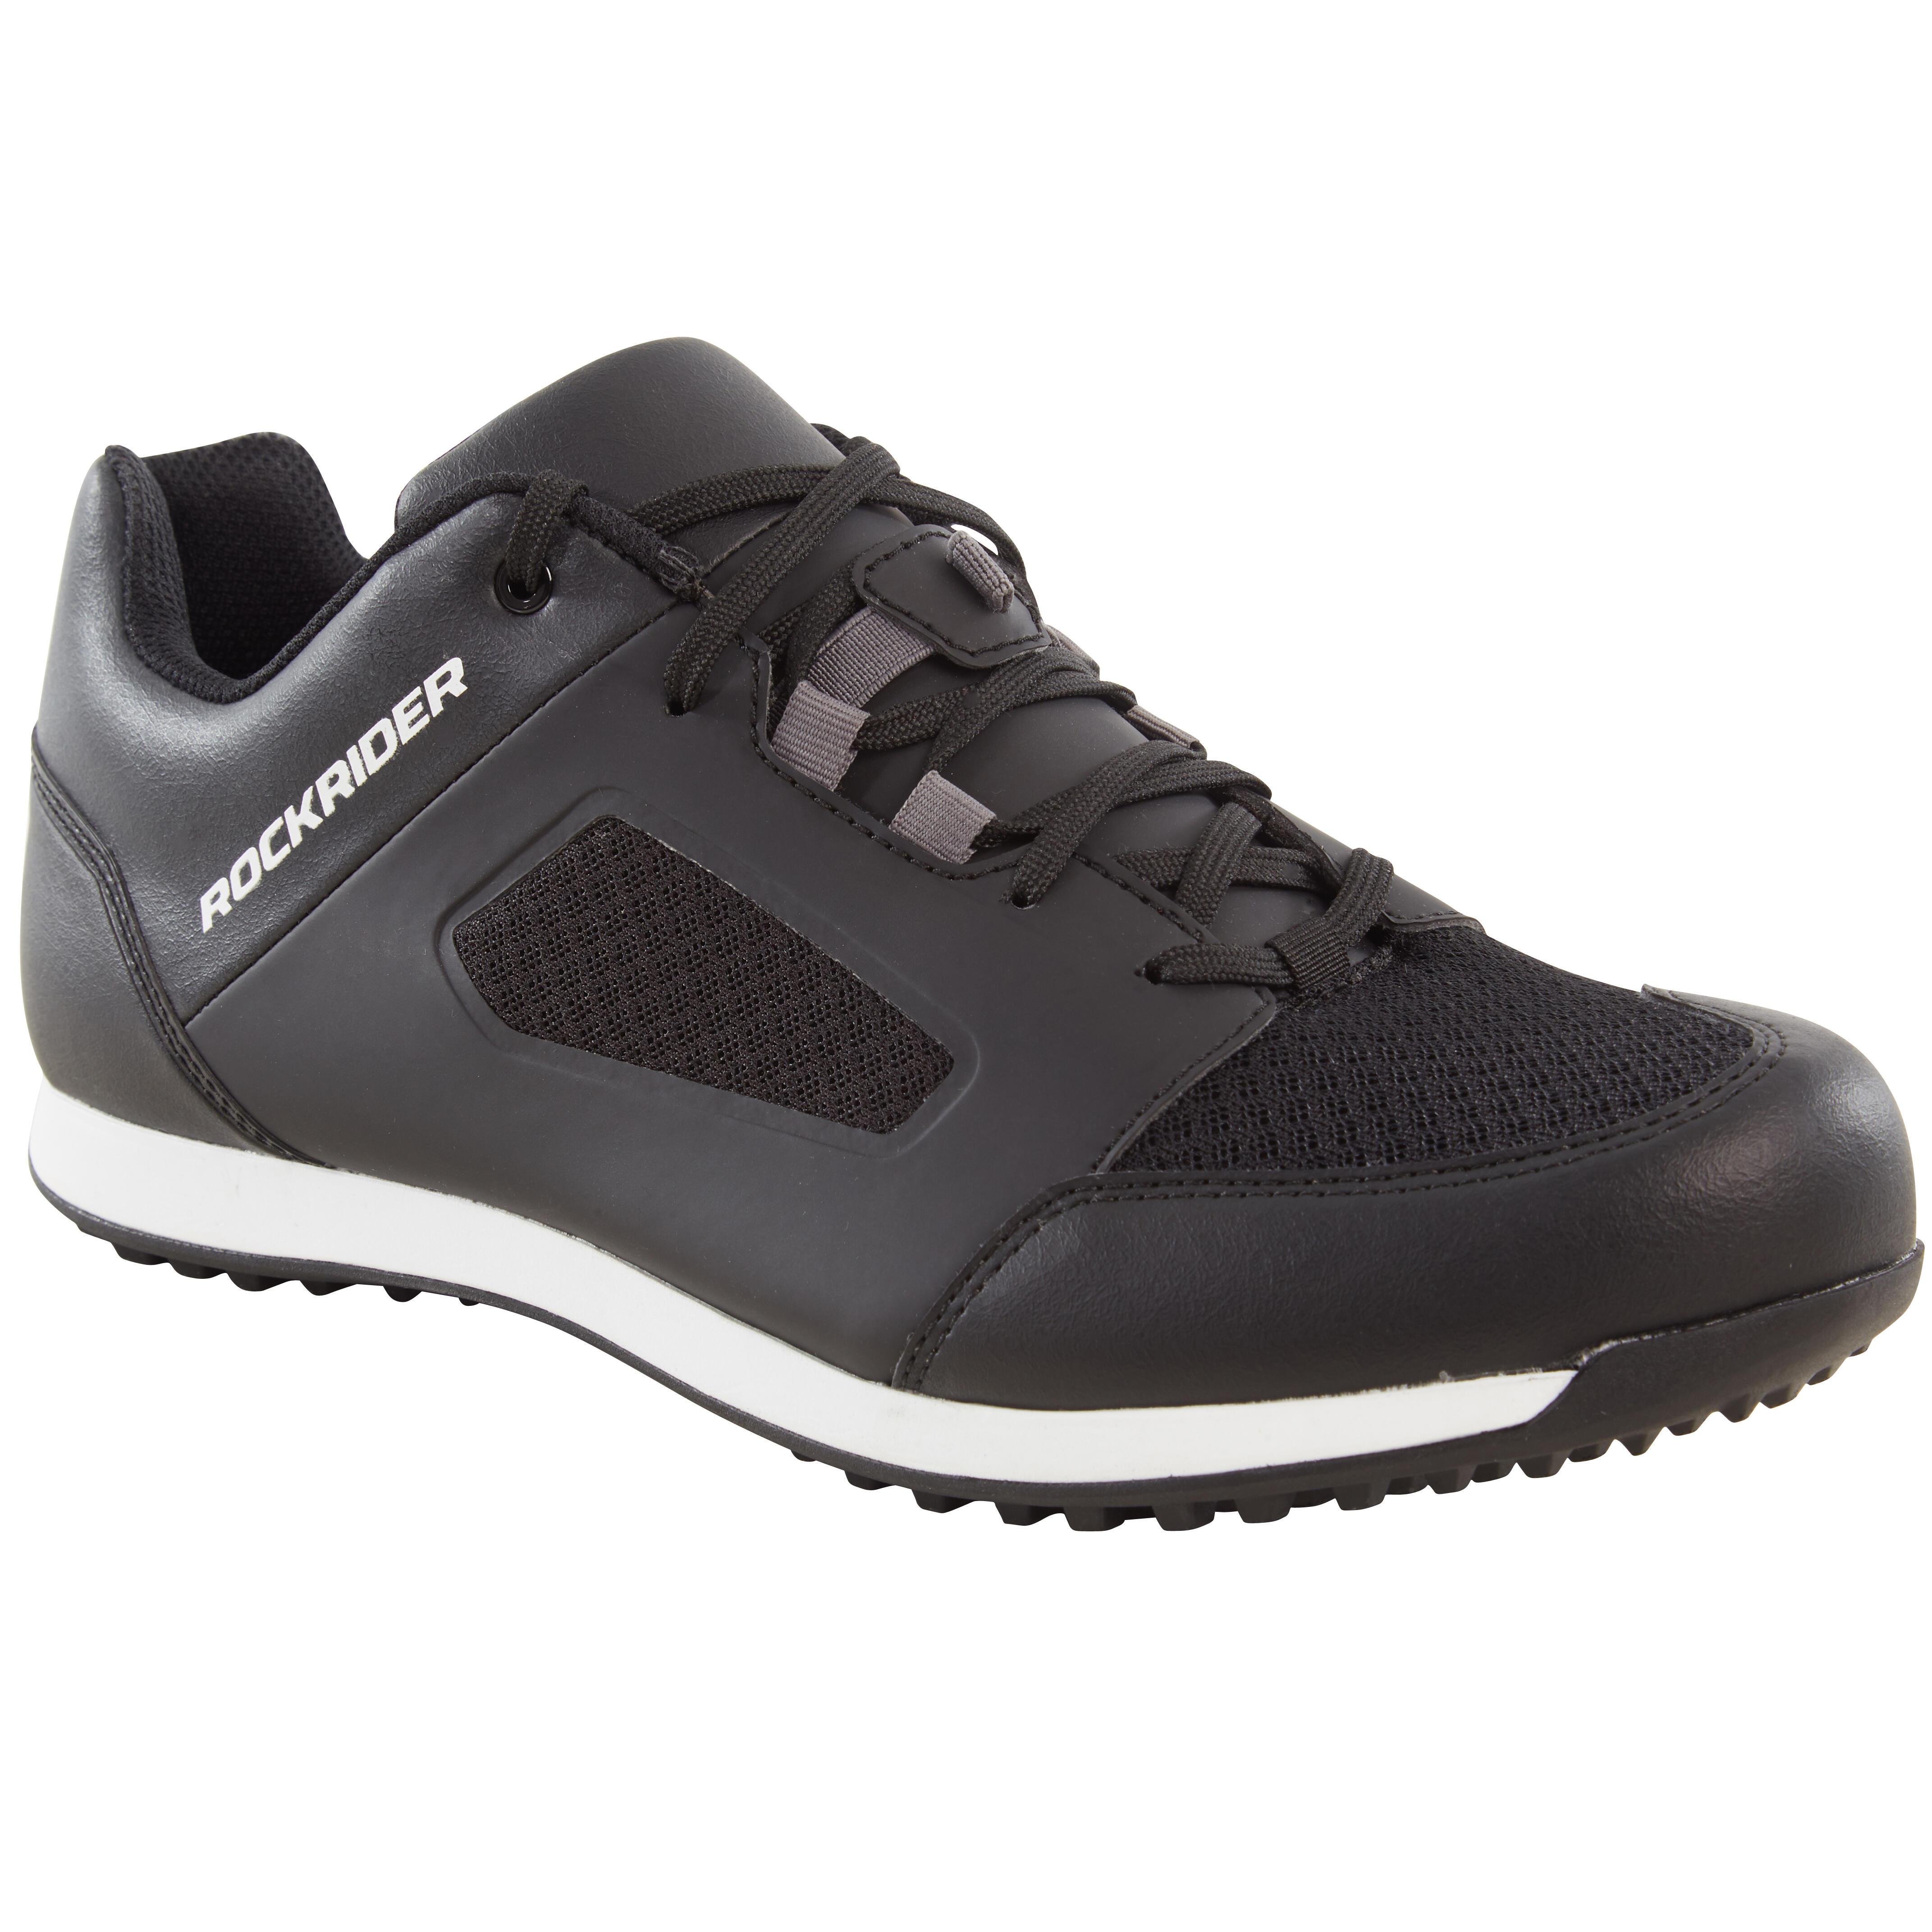 Fahrradschuhe MTB ST 100 schwarz | Schuhe > Sportschuhe > Fahrradschuhe | Schwarz - Grau - Weiß | St | Rockrider